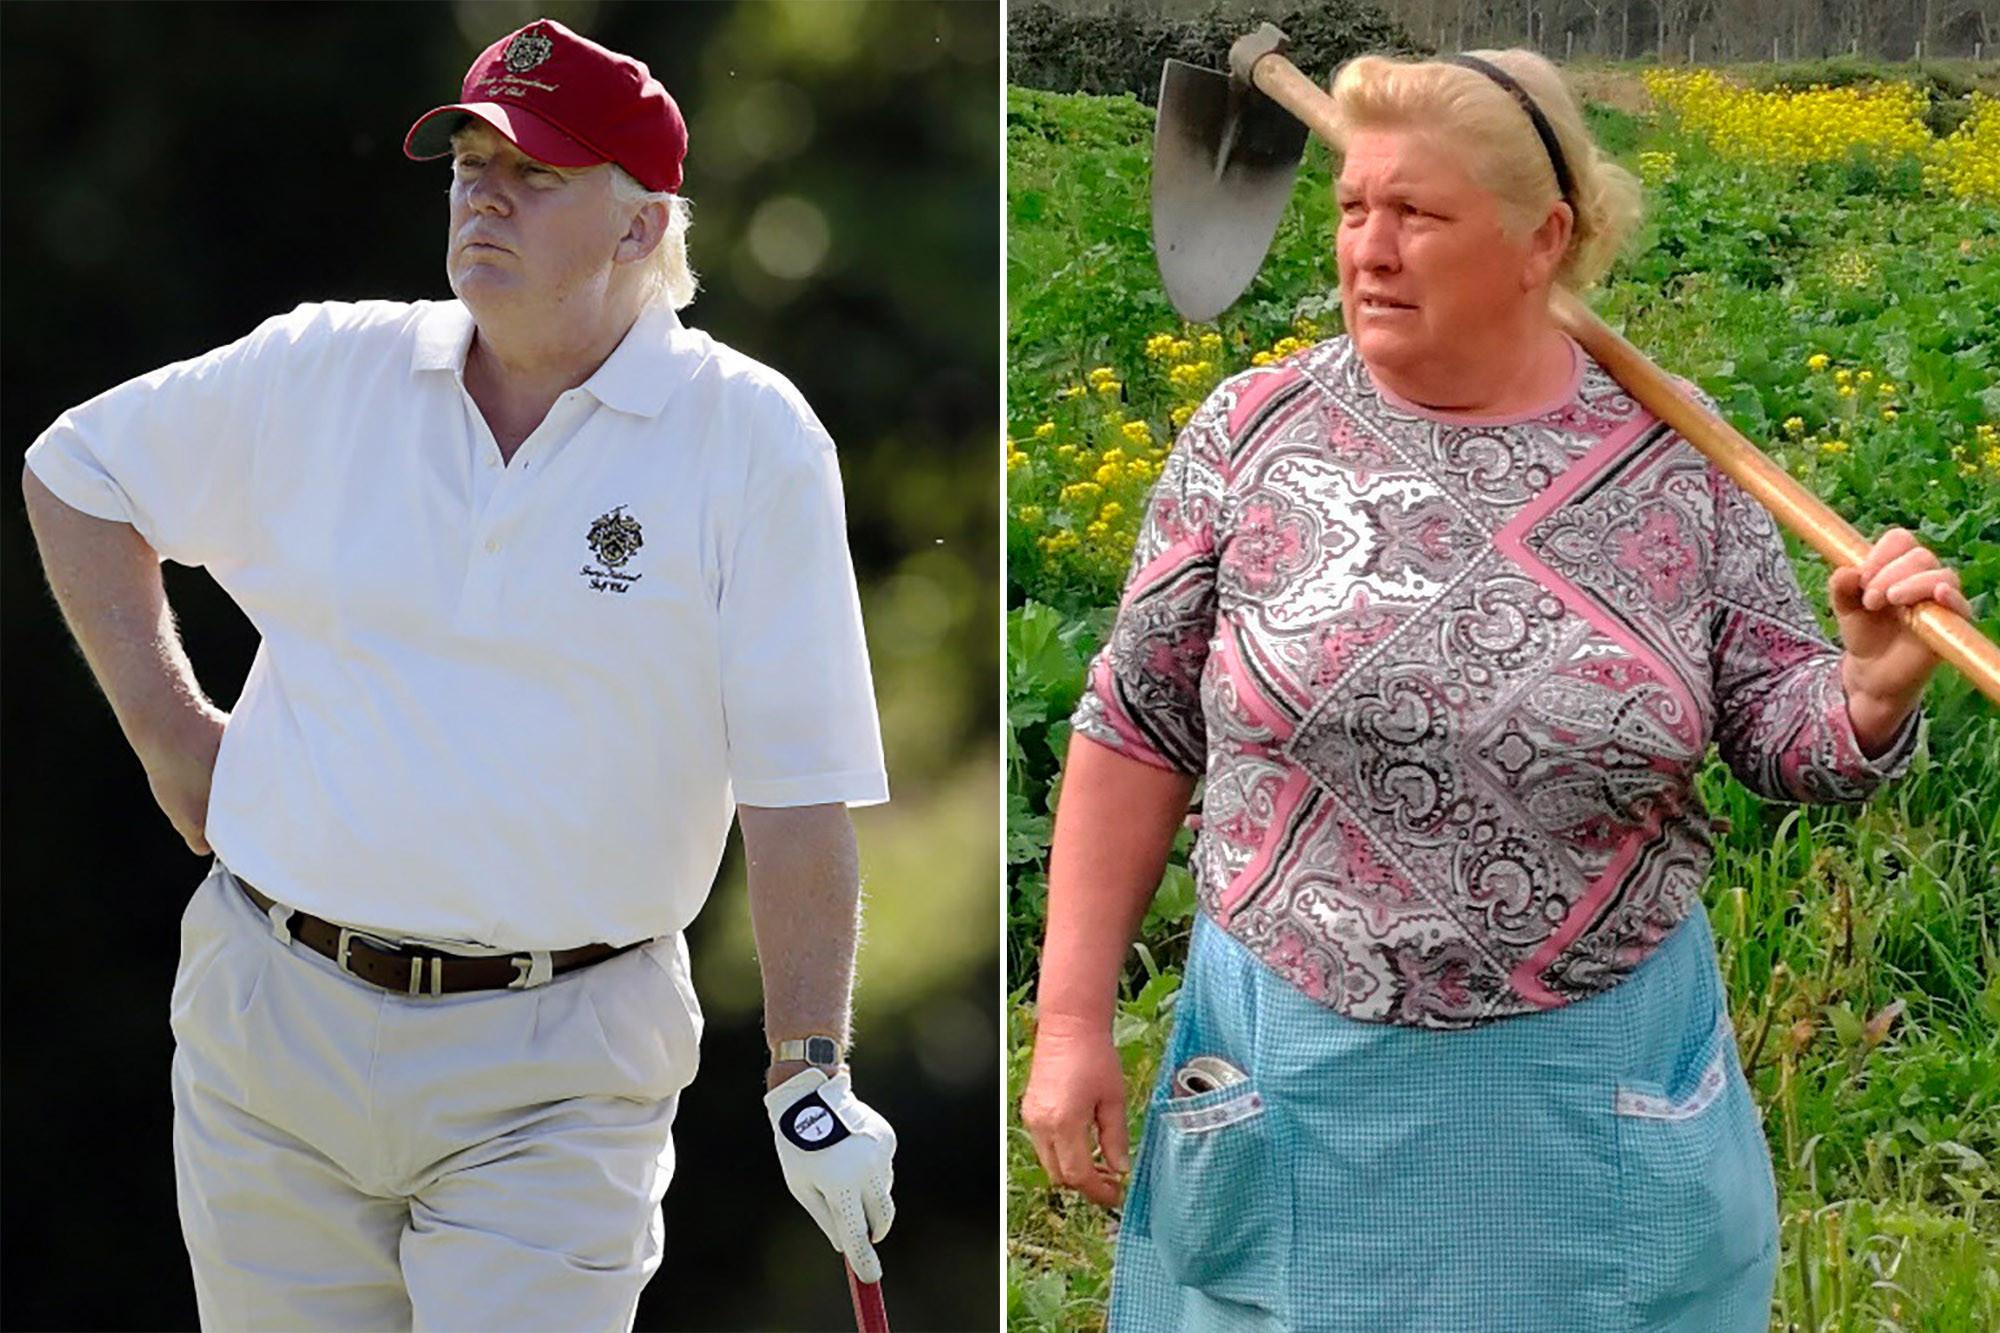 Dolores Antelo sosia di Donald Trump: foto virale